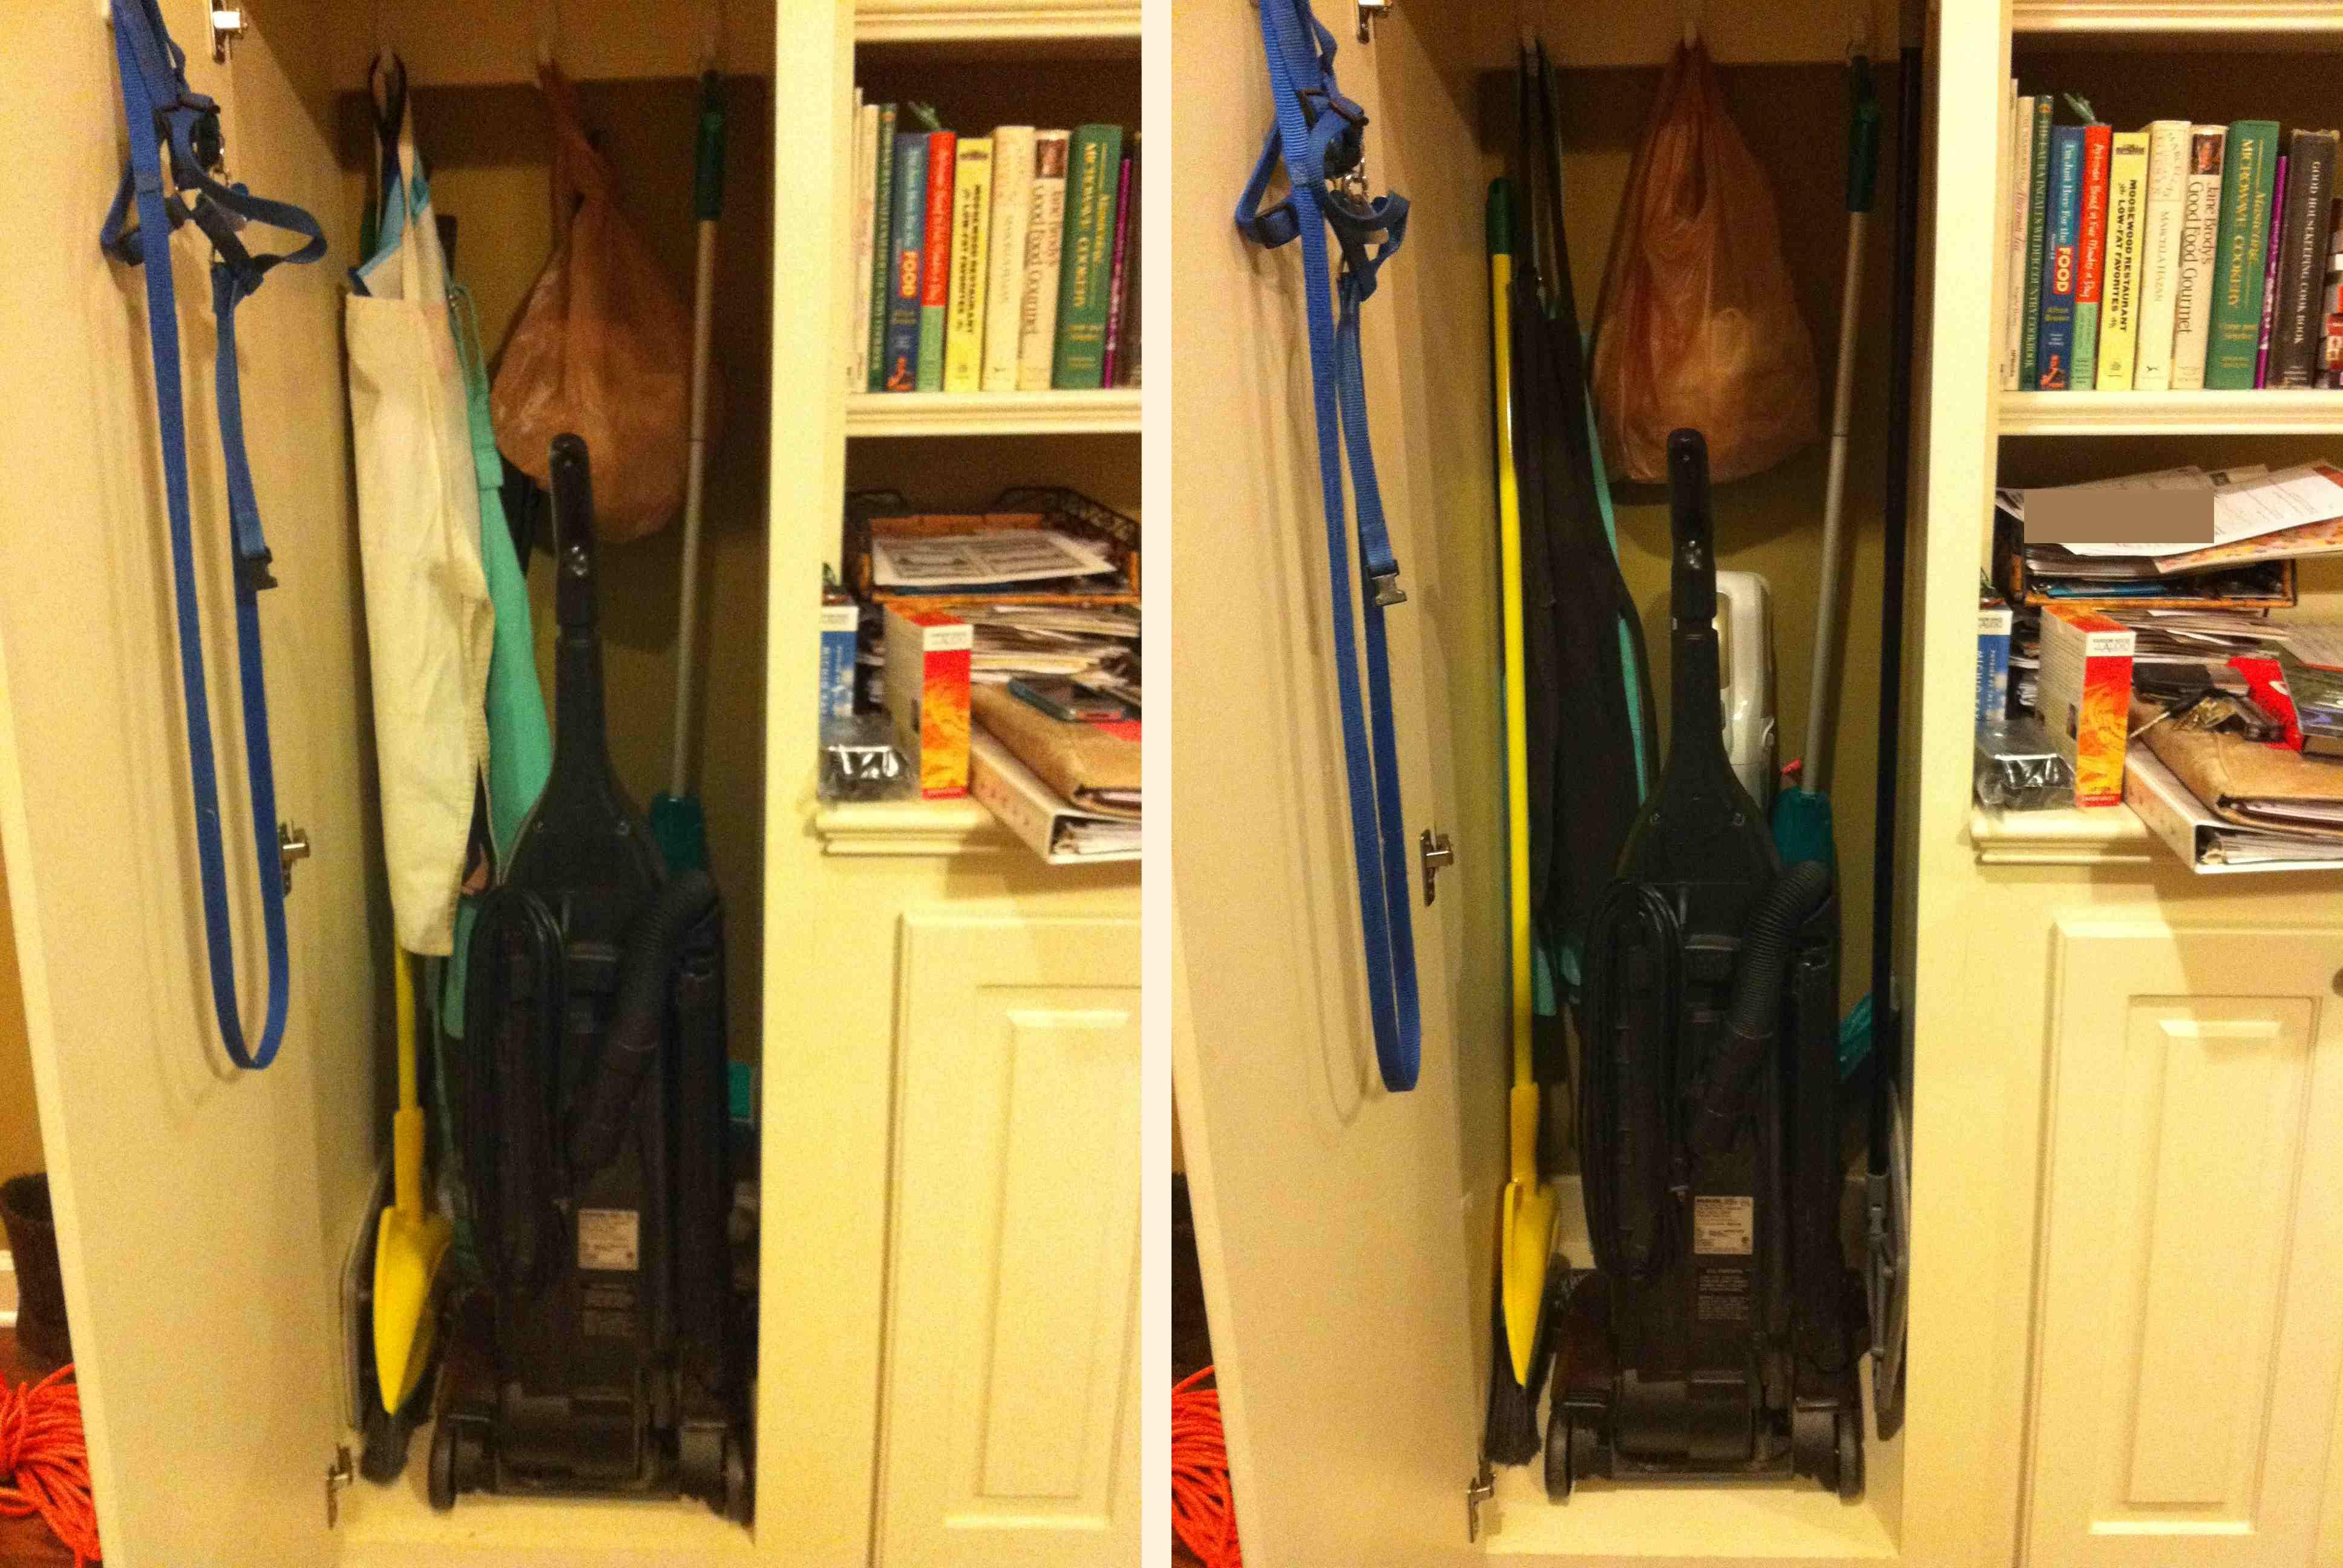 Day 44: Vacuum Closet